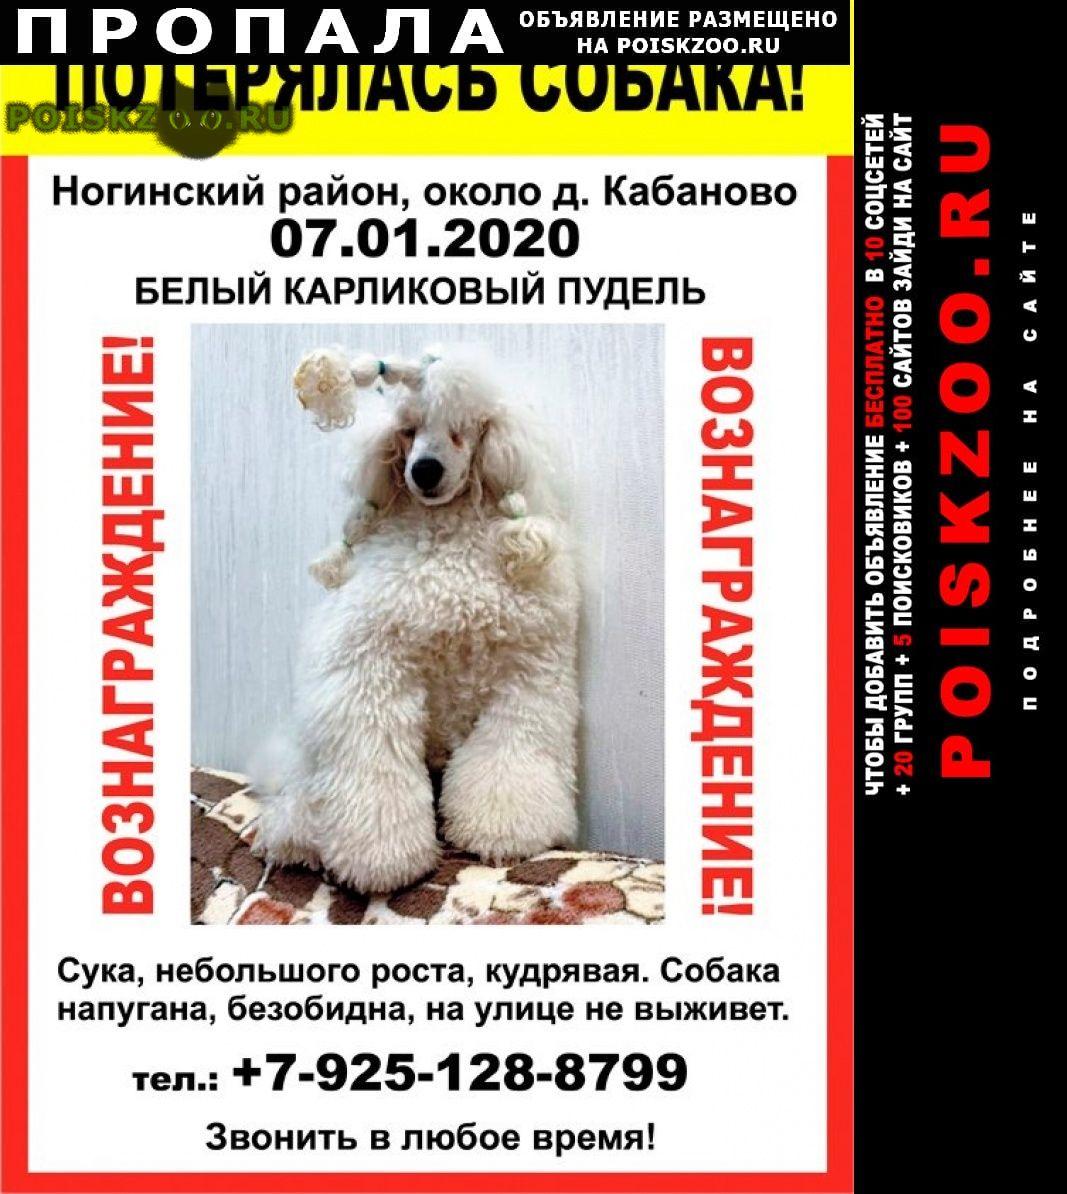 Пропала собака белый карликовый пудель г.Ногинск